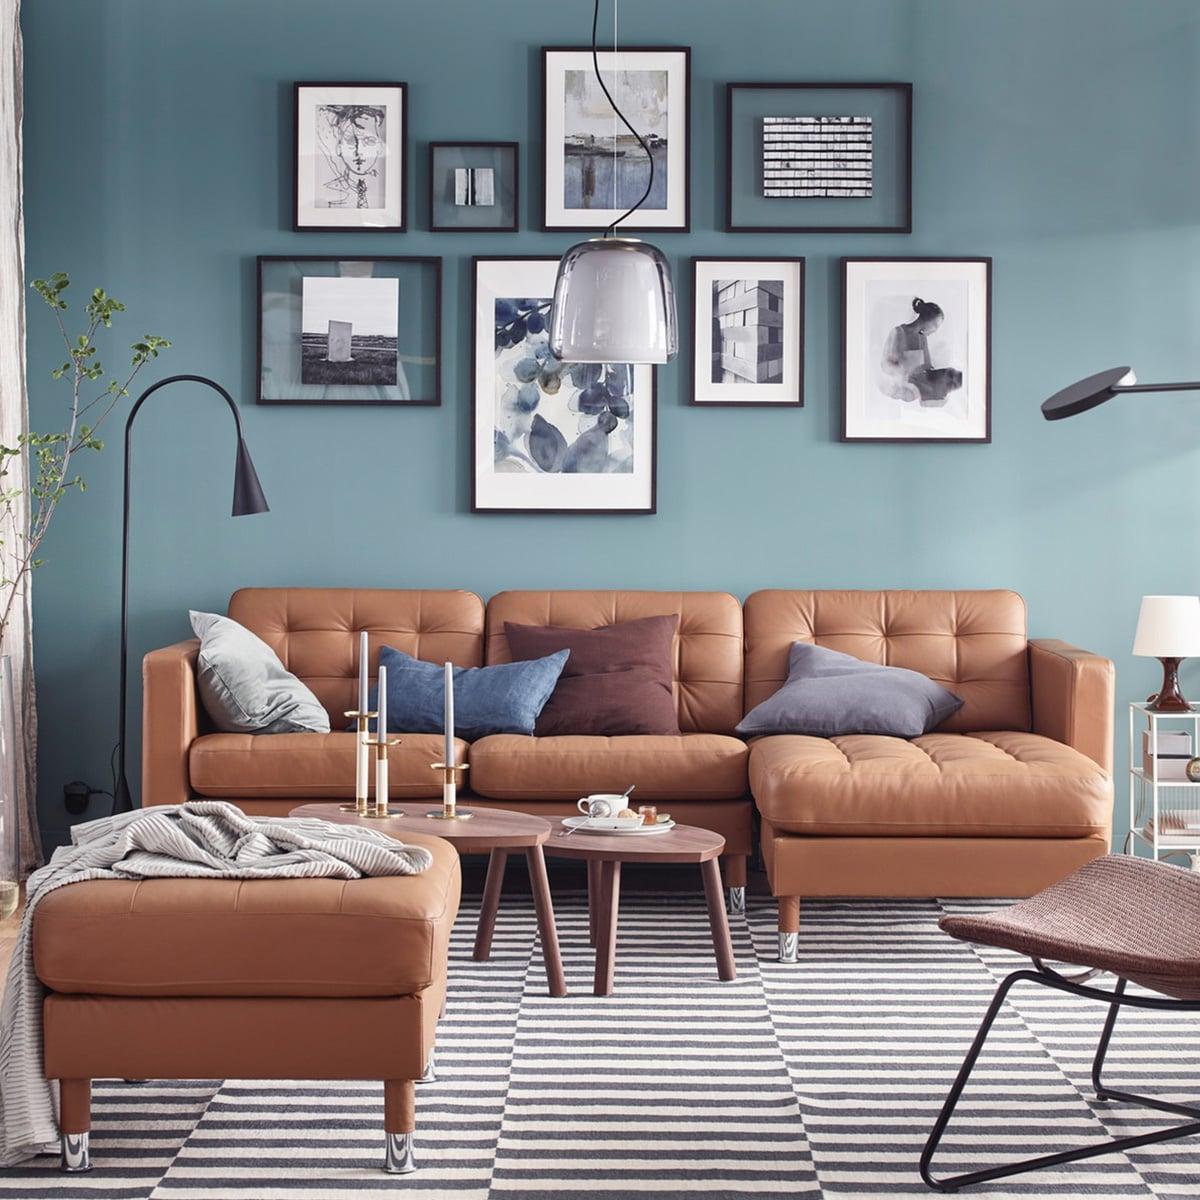 Idee per arredare il soggiorno - IKEA